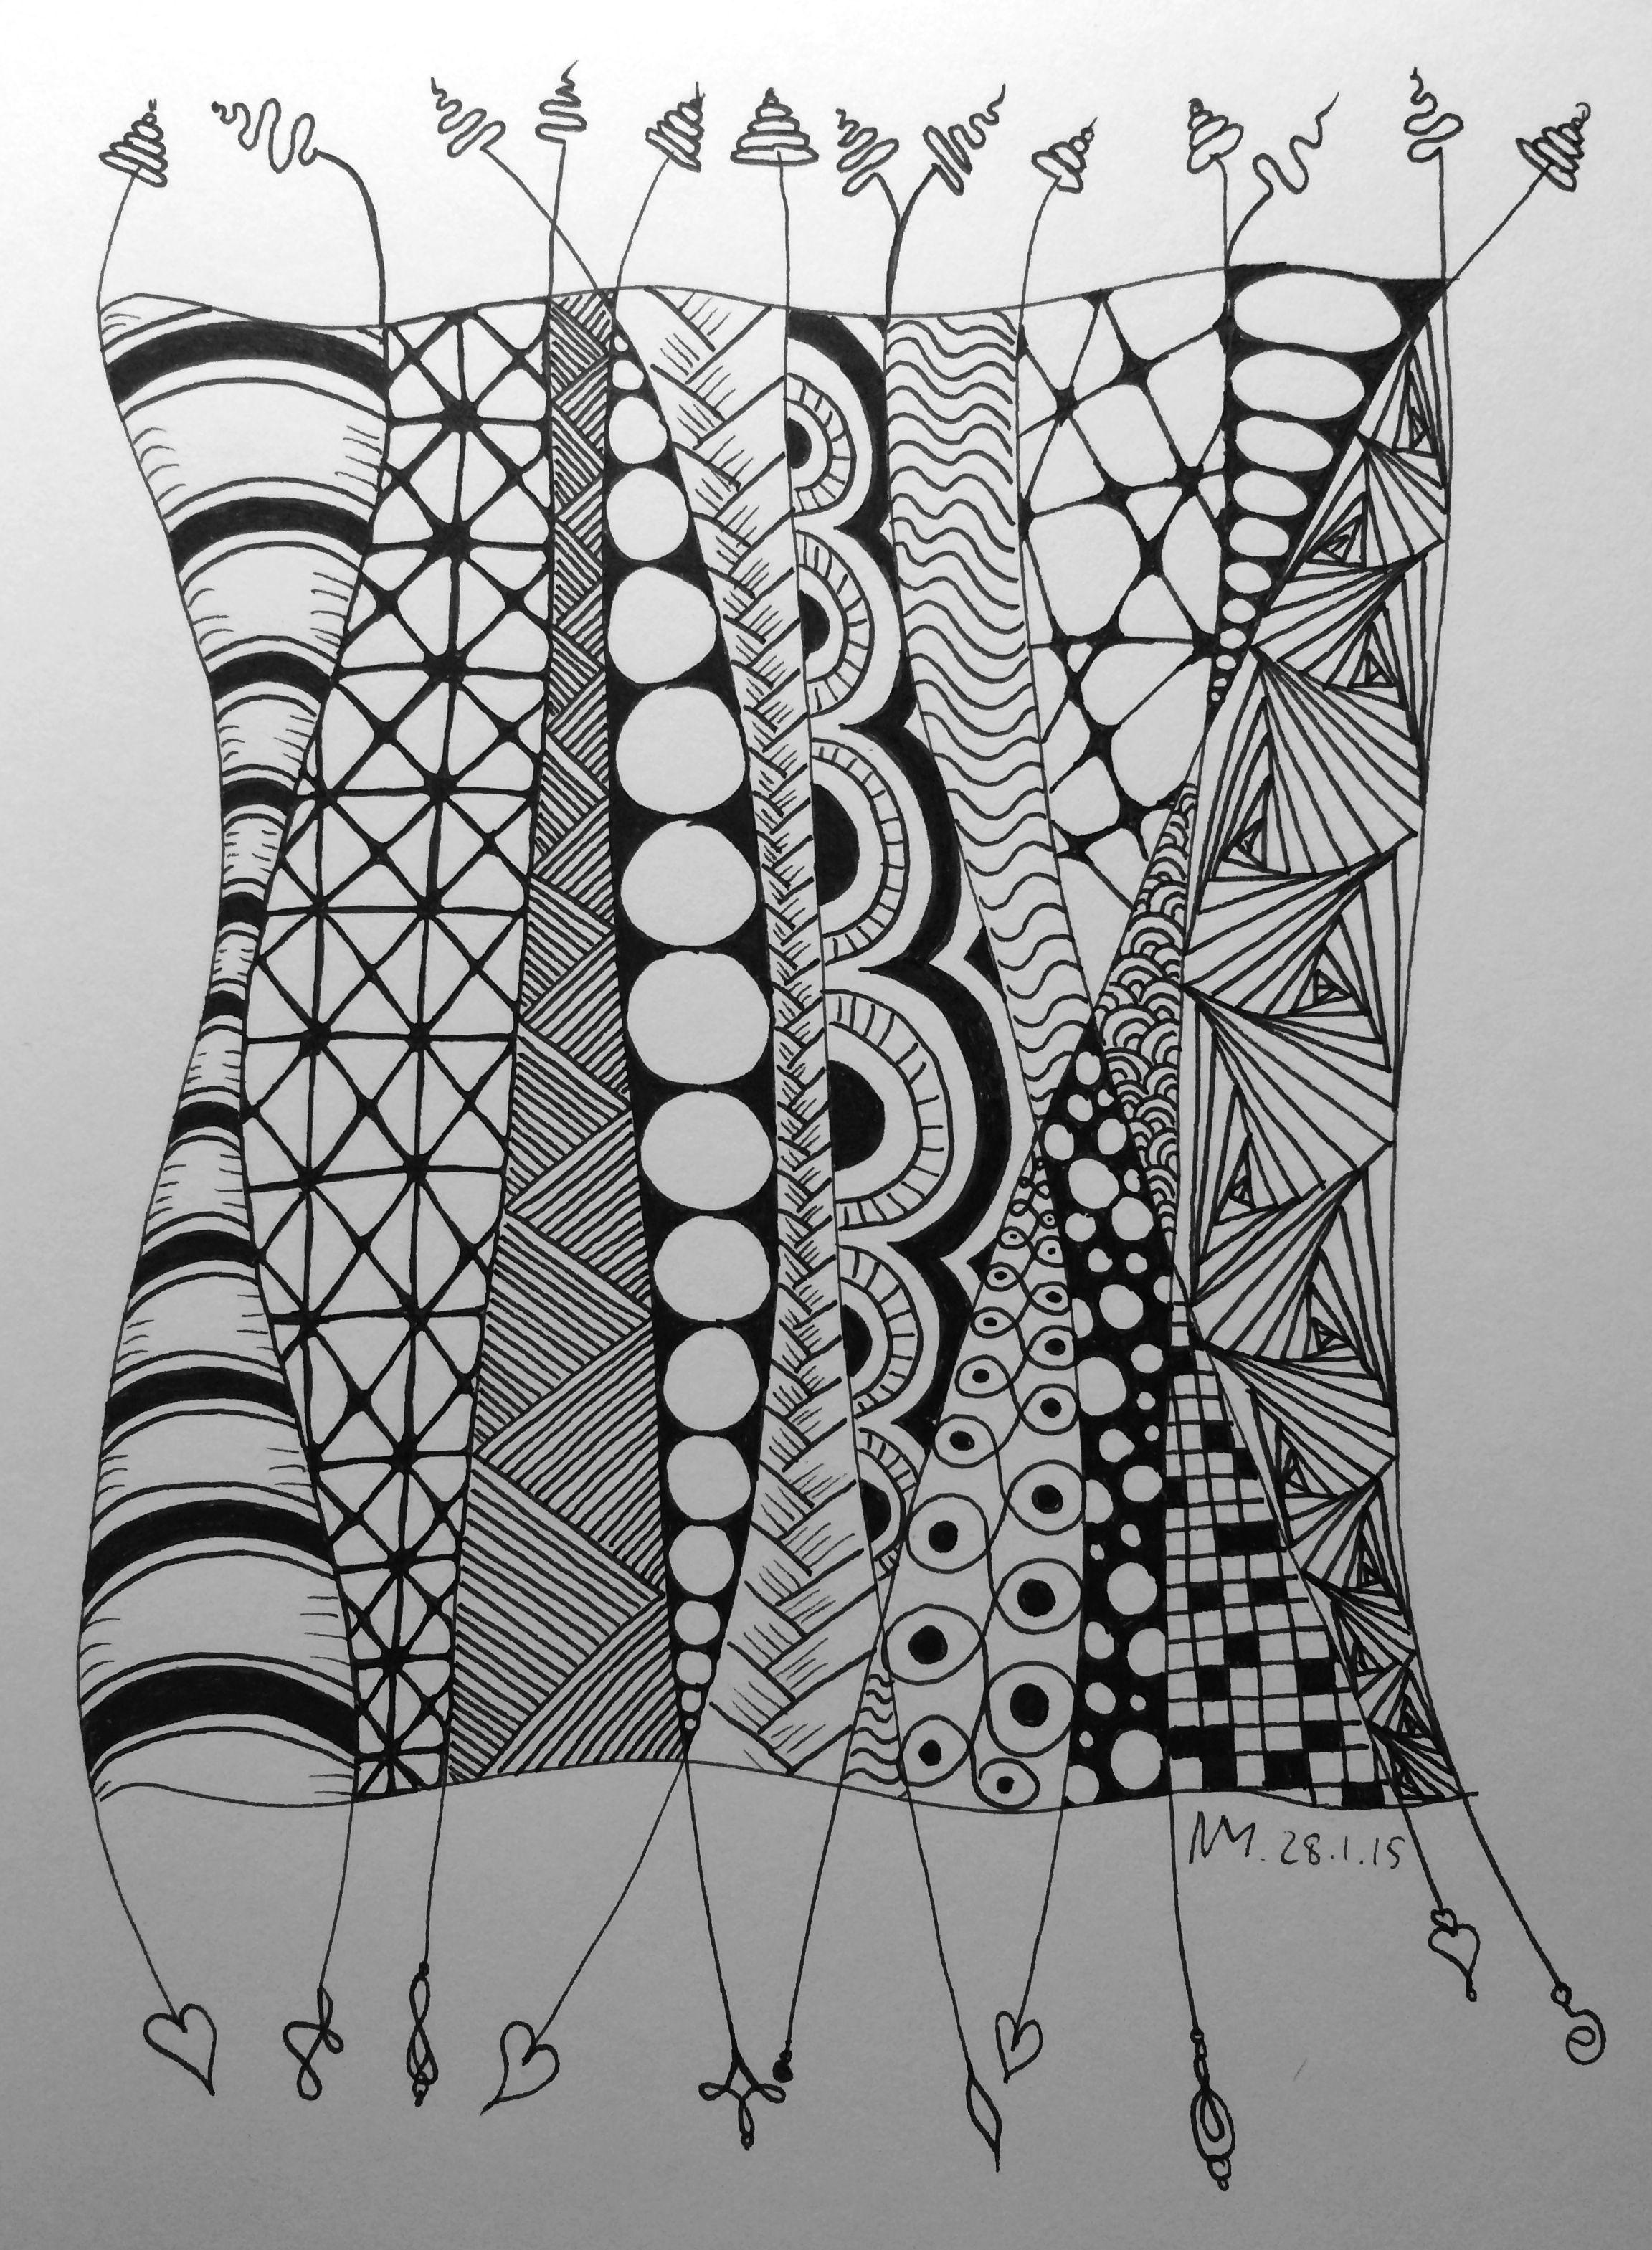 Erinnert Mich An Afrikanische Frauen In Ihren Bunt Gemusterten Gewandern Afrikanischefrauen Erinn Afrikanische Muster Zentangle Zeichnungen Muster Malvorlagen